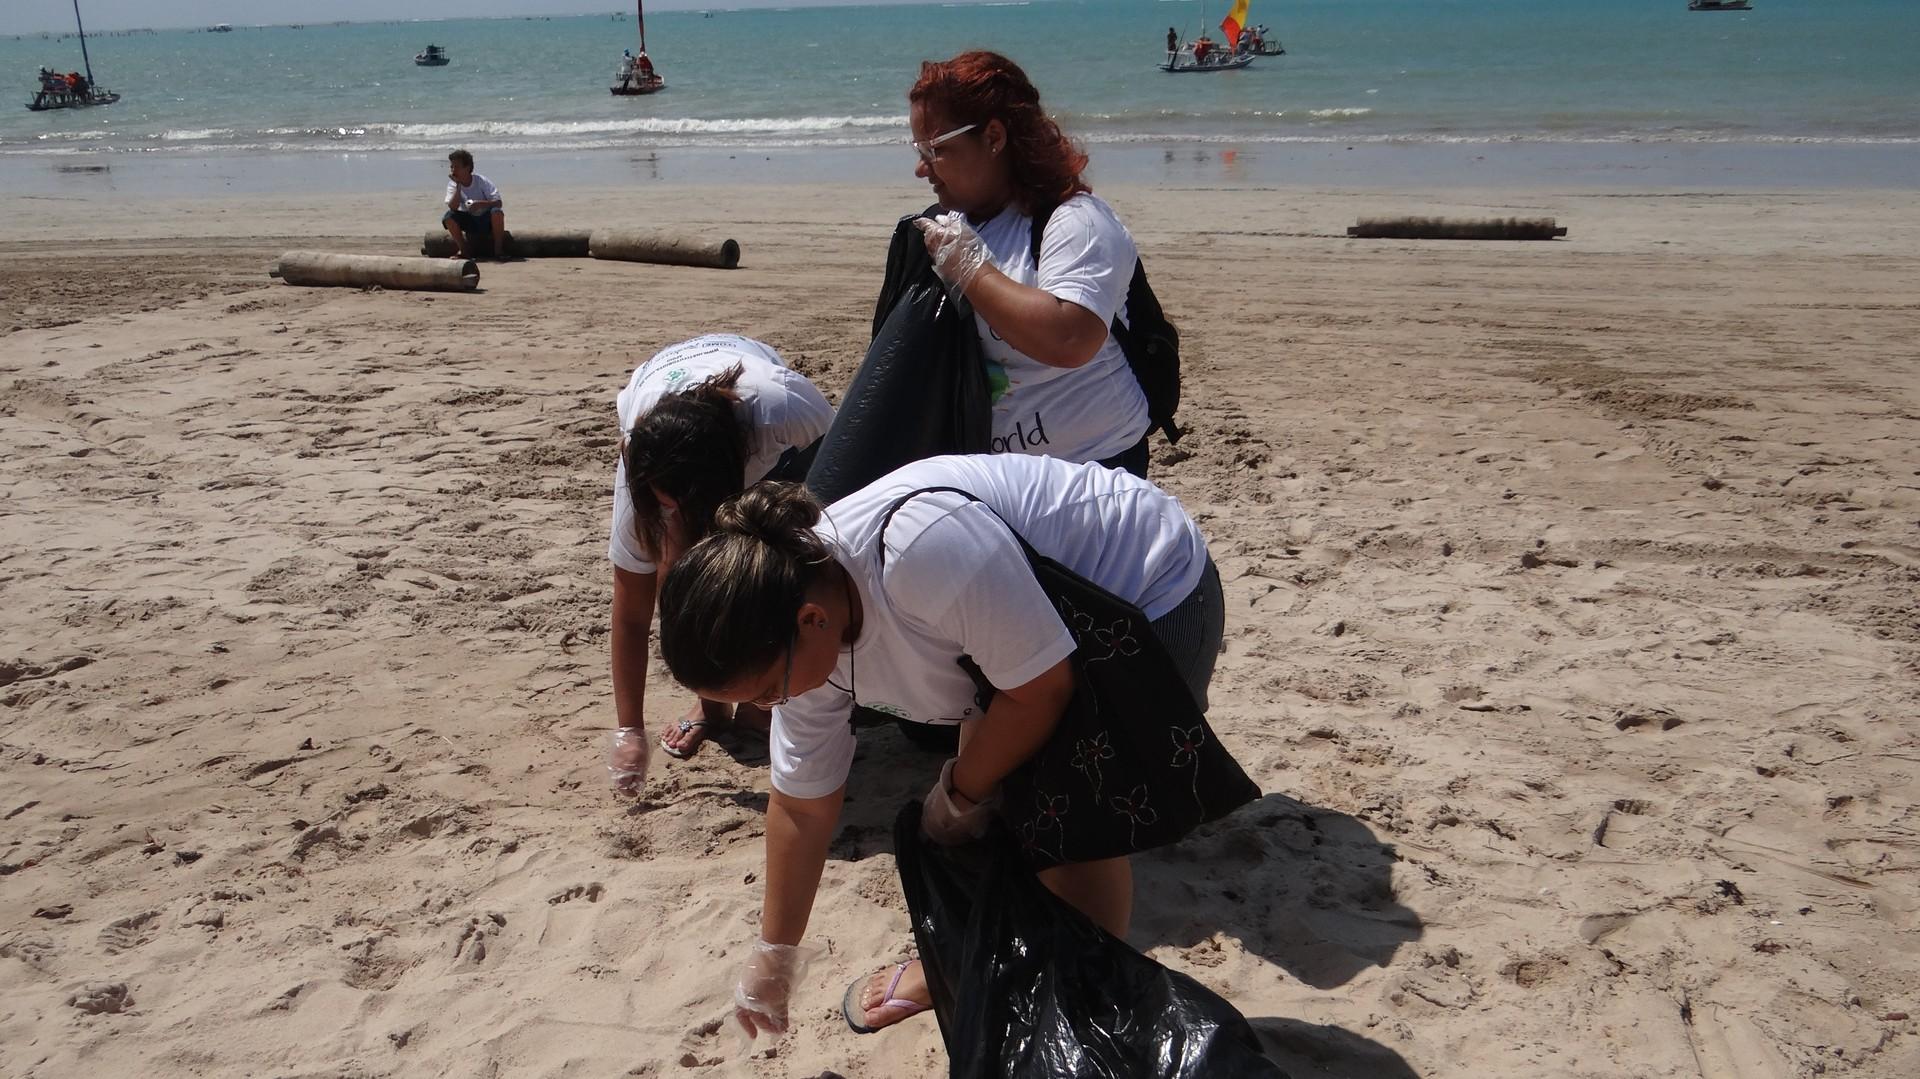 Em AL, Dia Mundial da Limpeza de Praia vai ser celebrado com ações isoladas por causa da pandemia